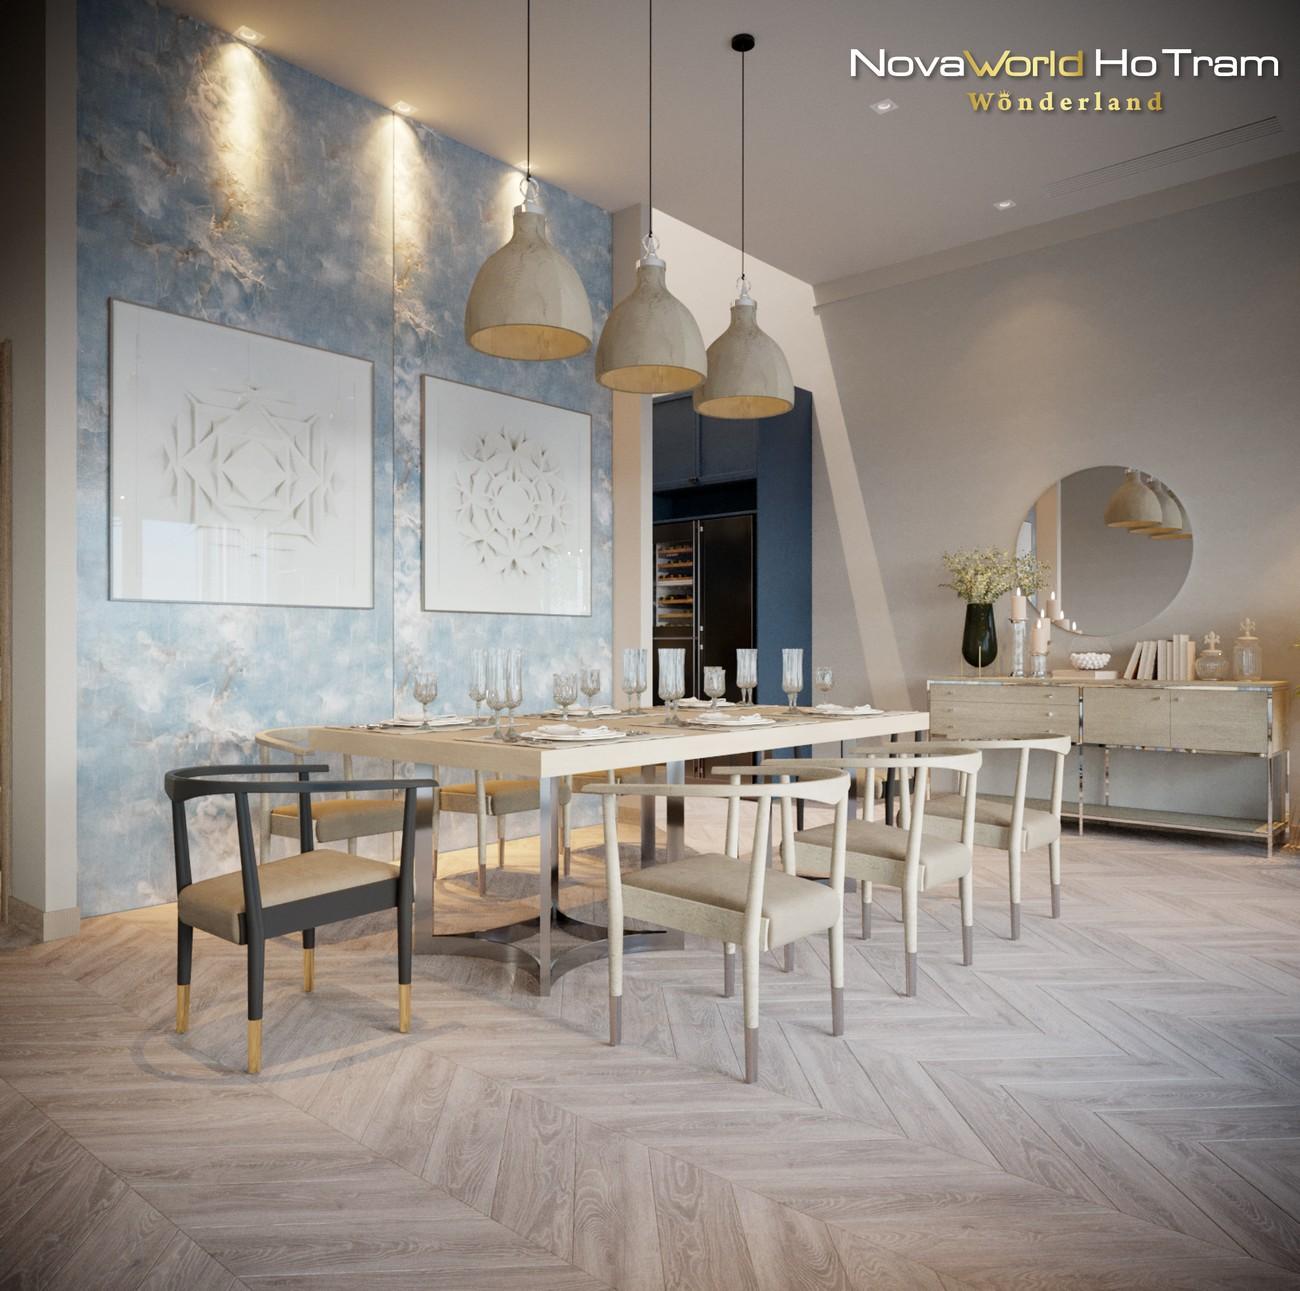 Nội thất phòng ăn thiết kế biệt thự dự án nhà phố, biệt thự Habana Island Novaworld Hồ Tràm Bà Rịa Vũng Tàu